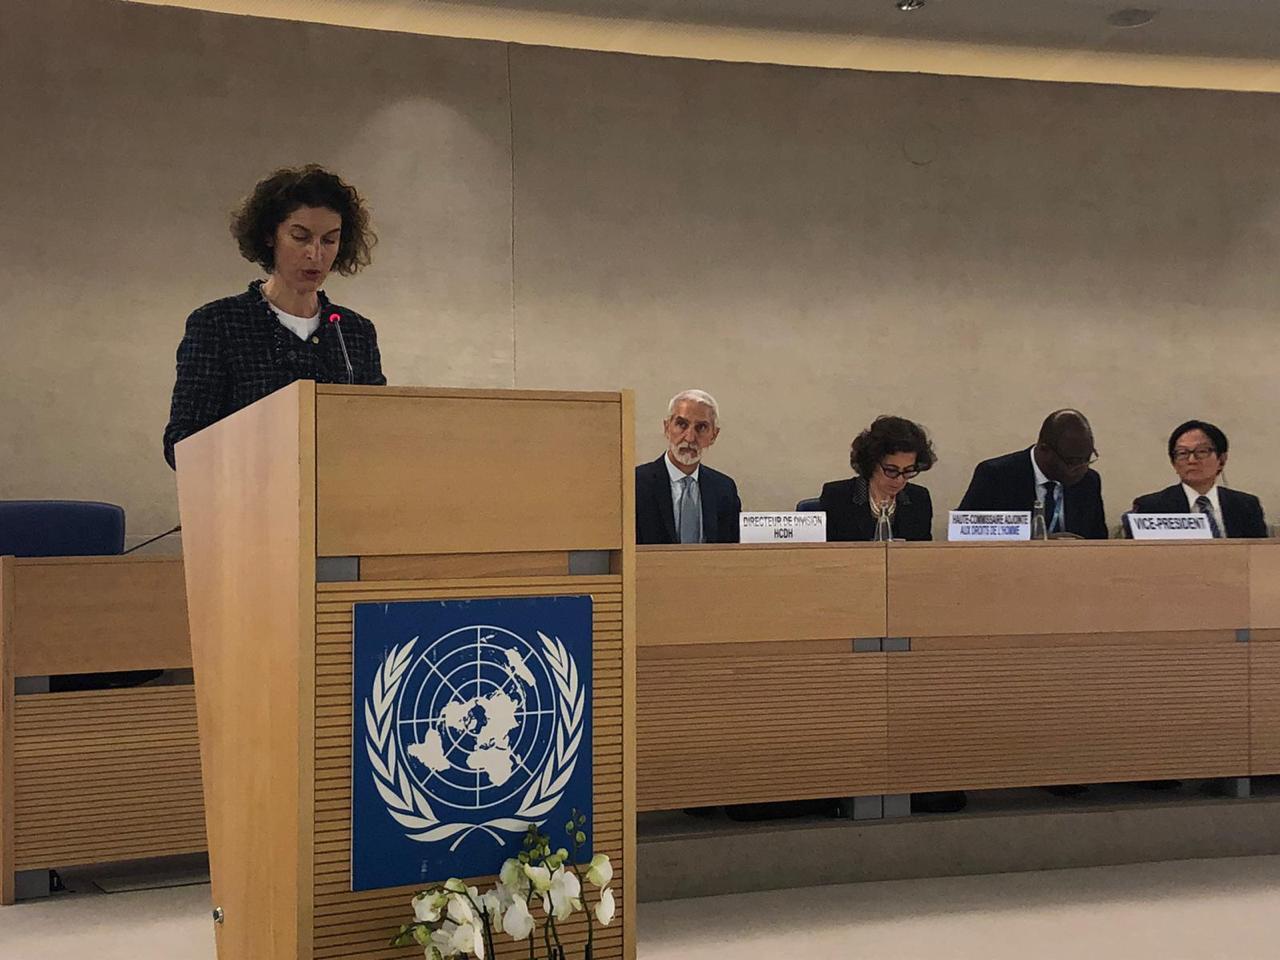 Ubach referma el compromís d'Andorra amb el multilateralisme i altres temes en el Consell de Drets Humans de l'ONU a Ginebra